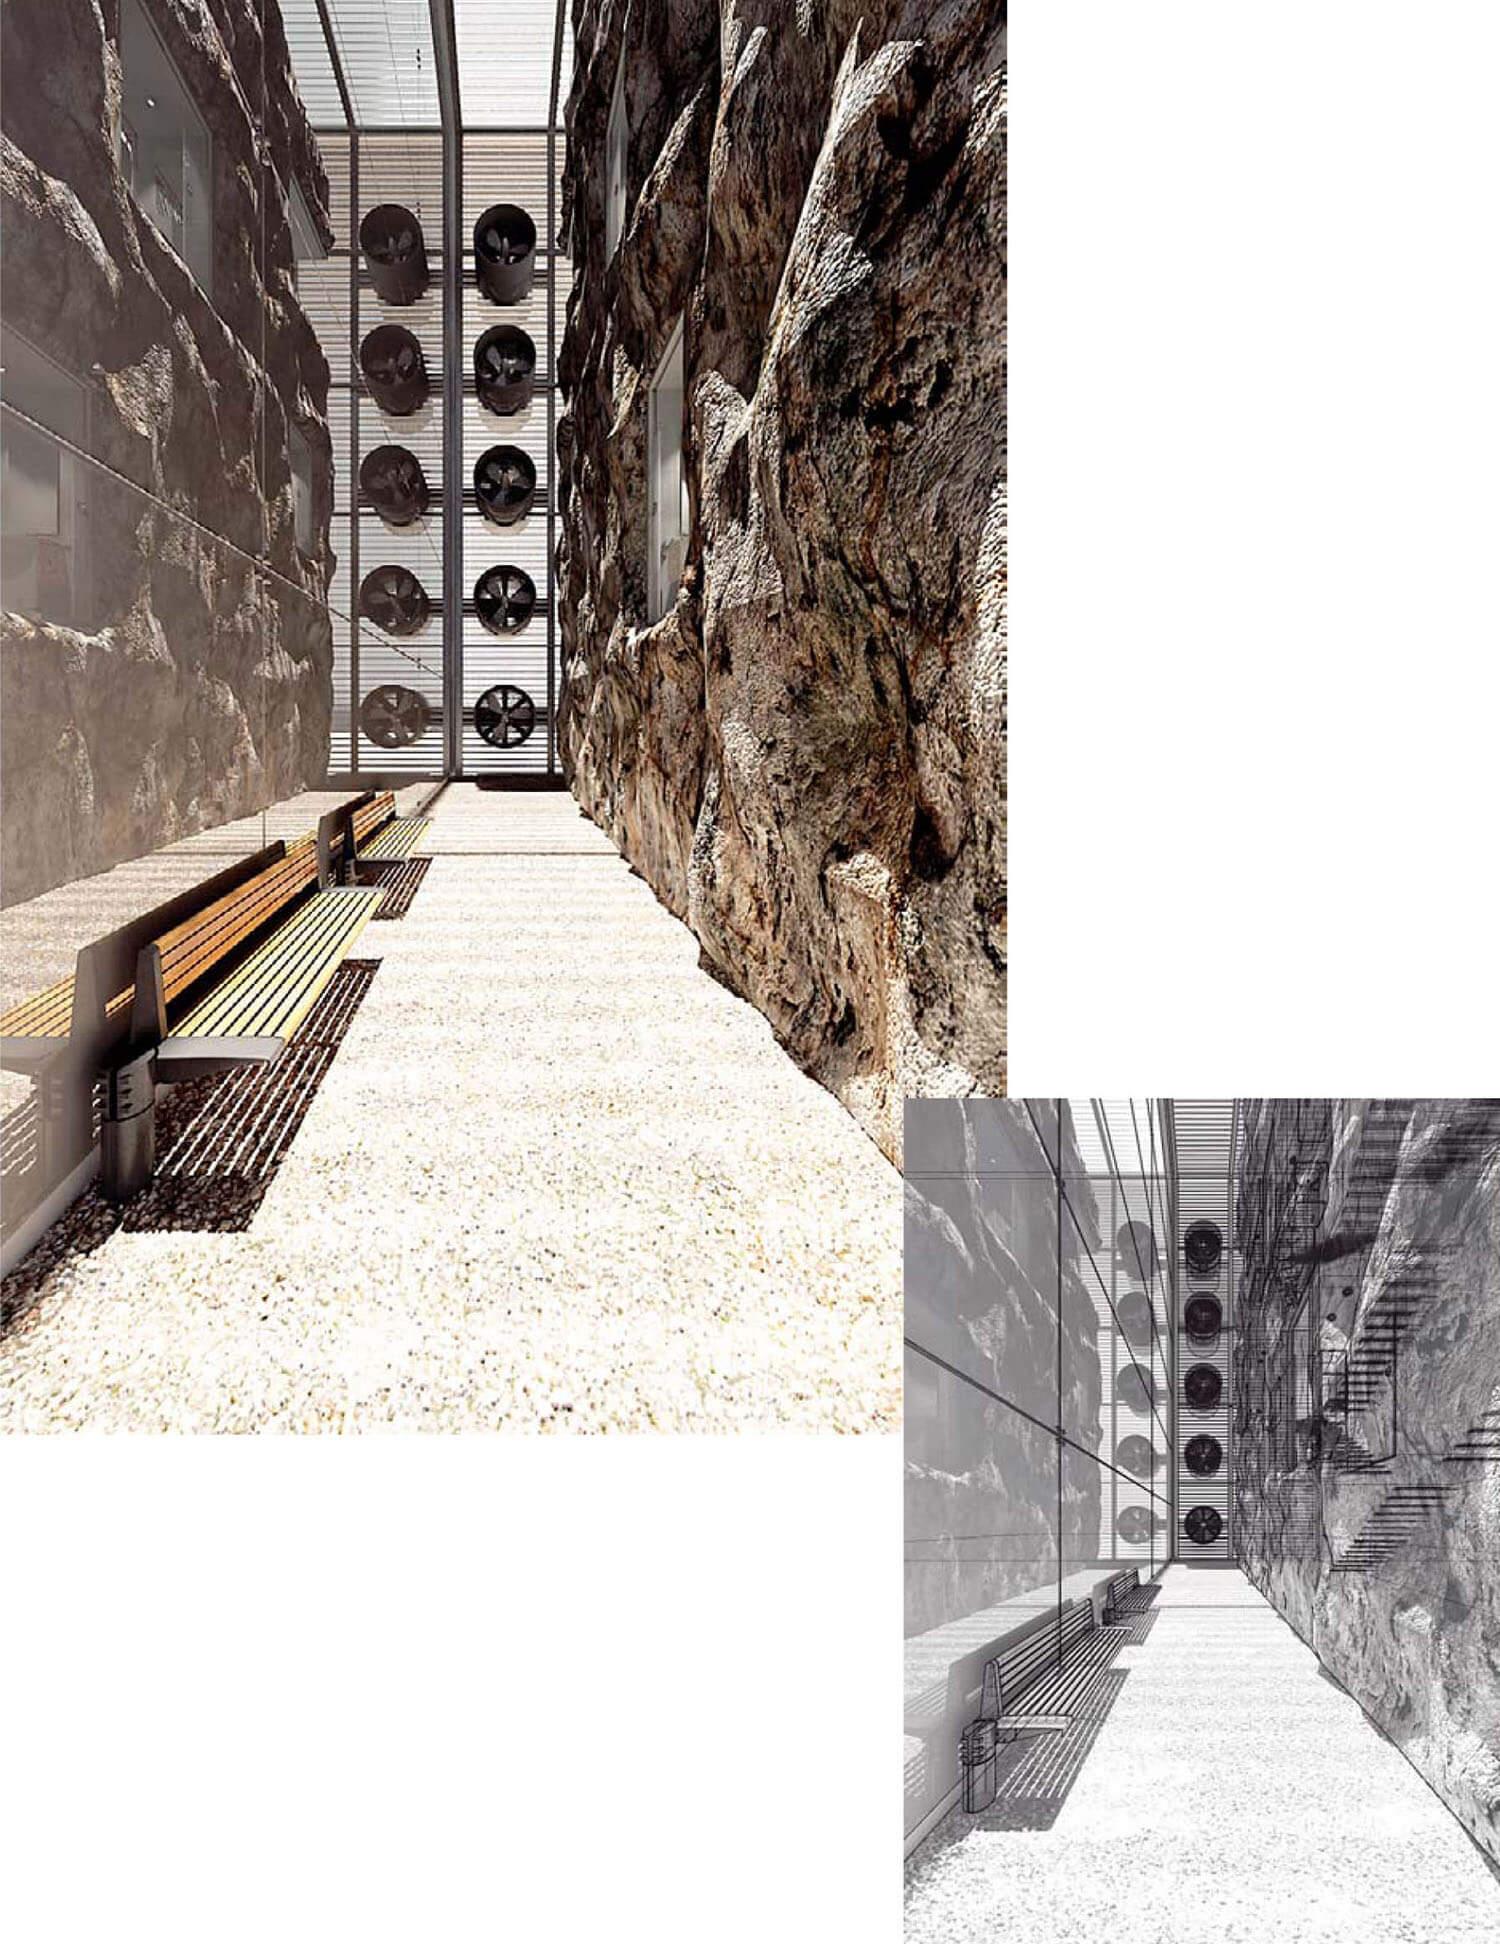 Thiết kế hành lang bằng vách đá thiên nhiên